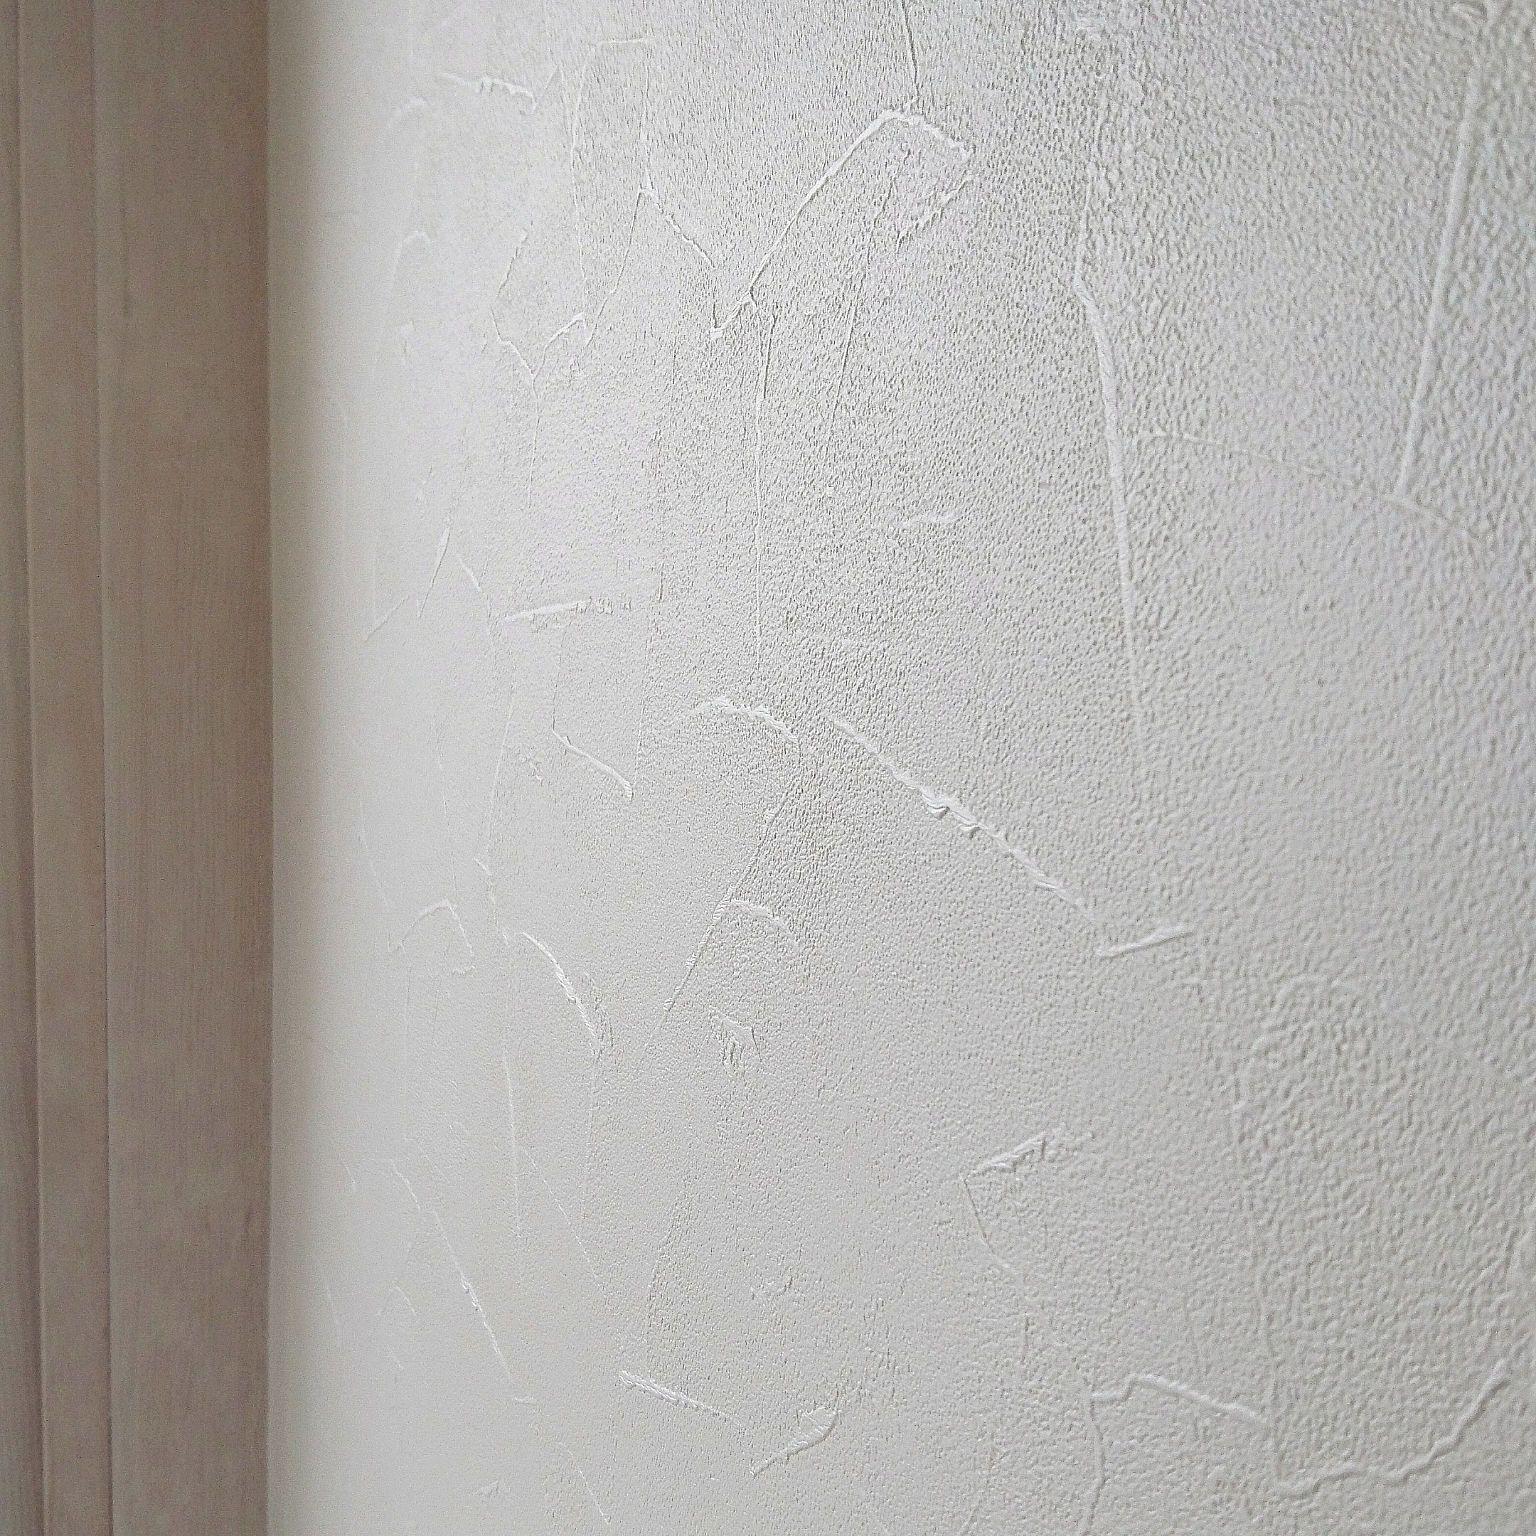 壁 天井 Re2912 建築中 サンゲツ サンゲツ壁紙 などのインテリア実例 18 02 10 21 51 25 Roomclip ルームクリップ サンゲツ 壁紙 サンゲツ 漆喰 壁紙